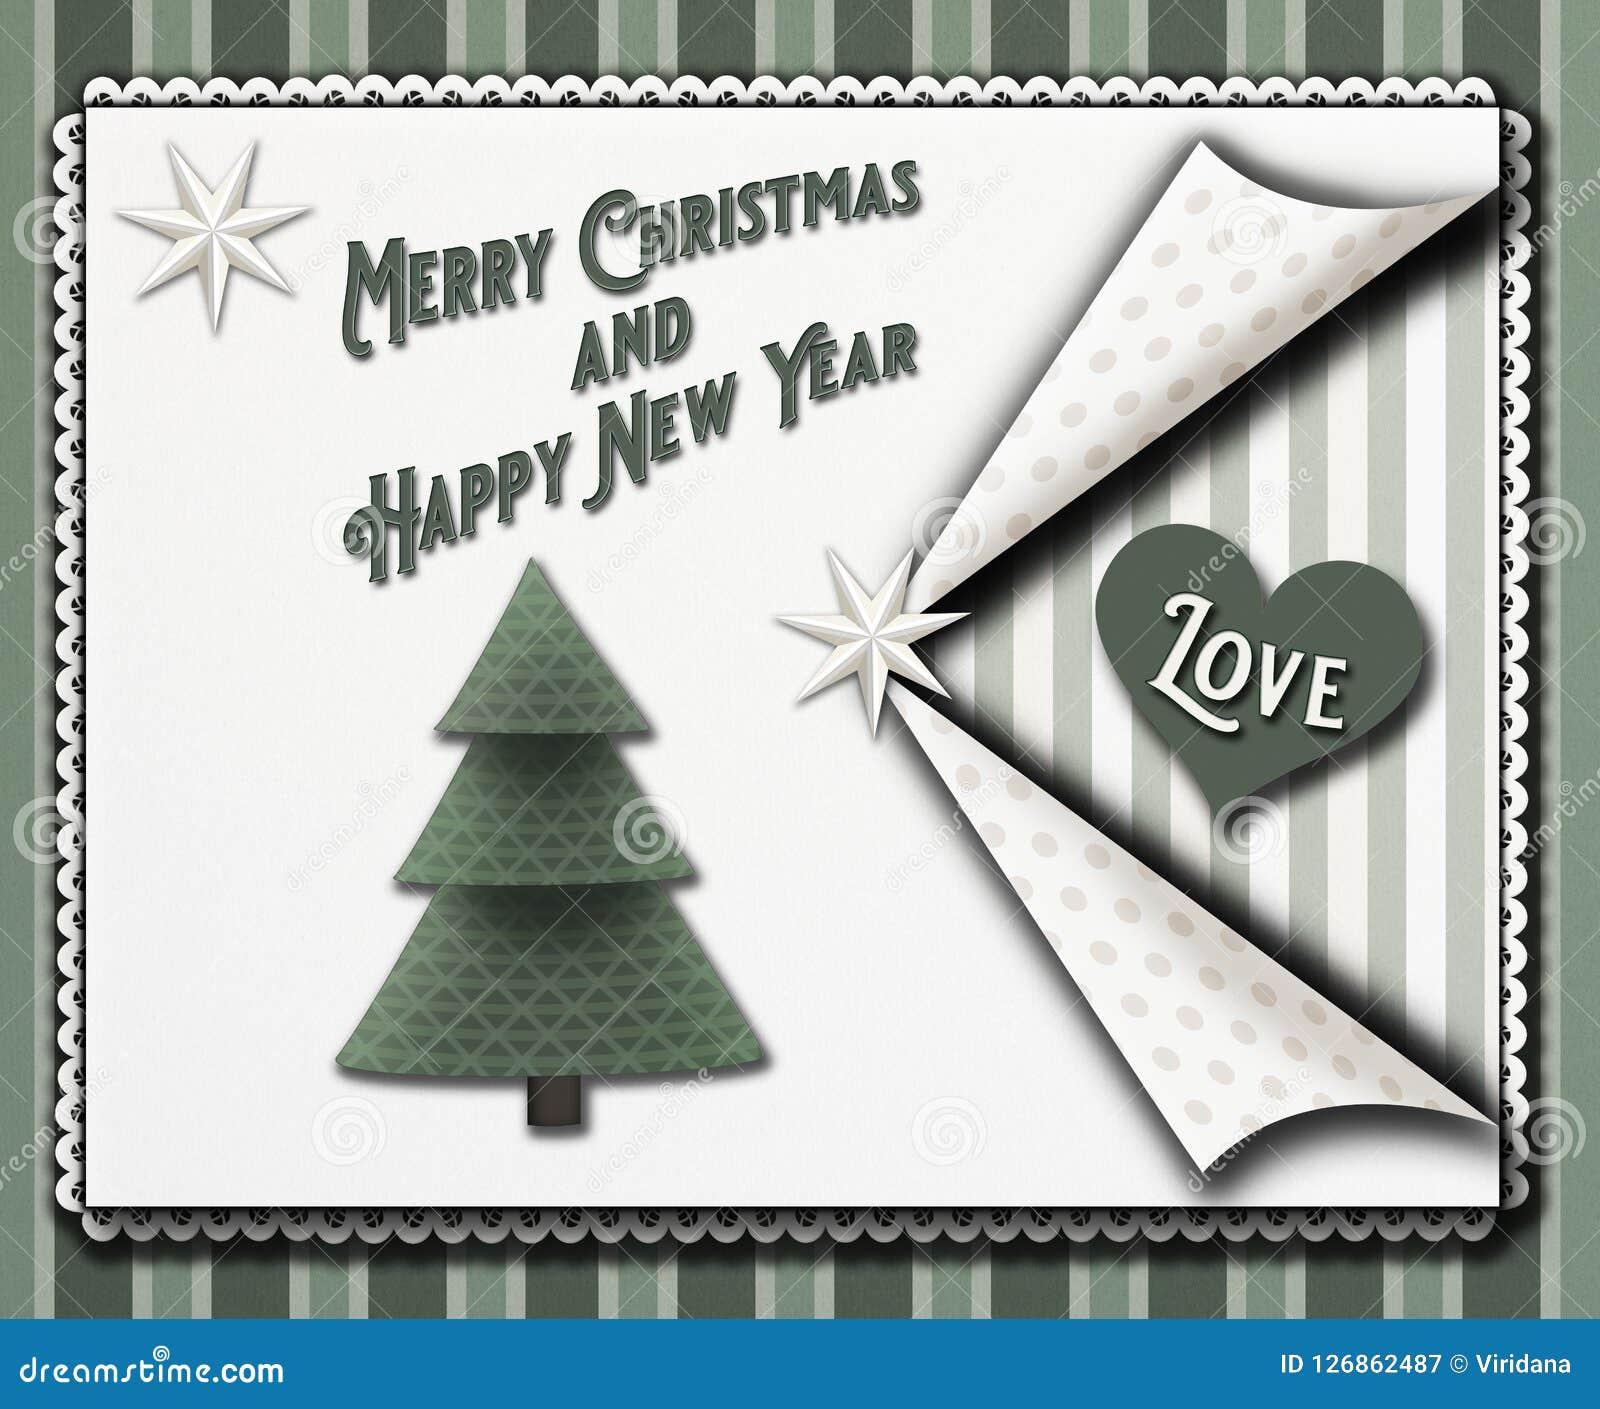 Weihnachtsgrußkarte in einer scrapbooking Art der Weinlese mit Sternen und ein christmastree und die Wortfröhlichen Weihnachten-